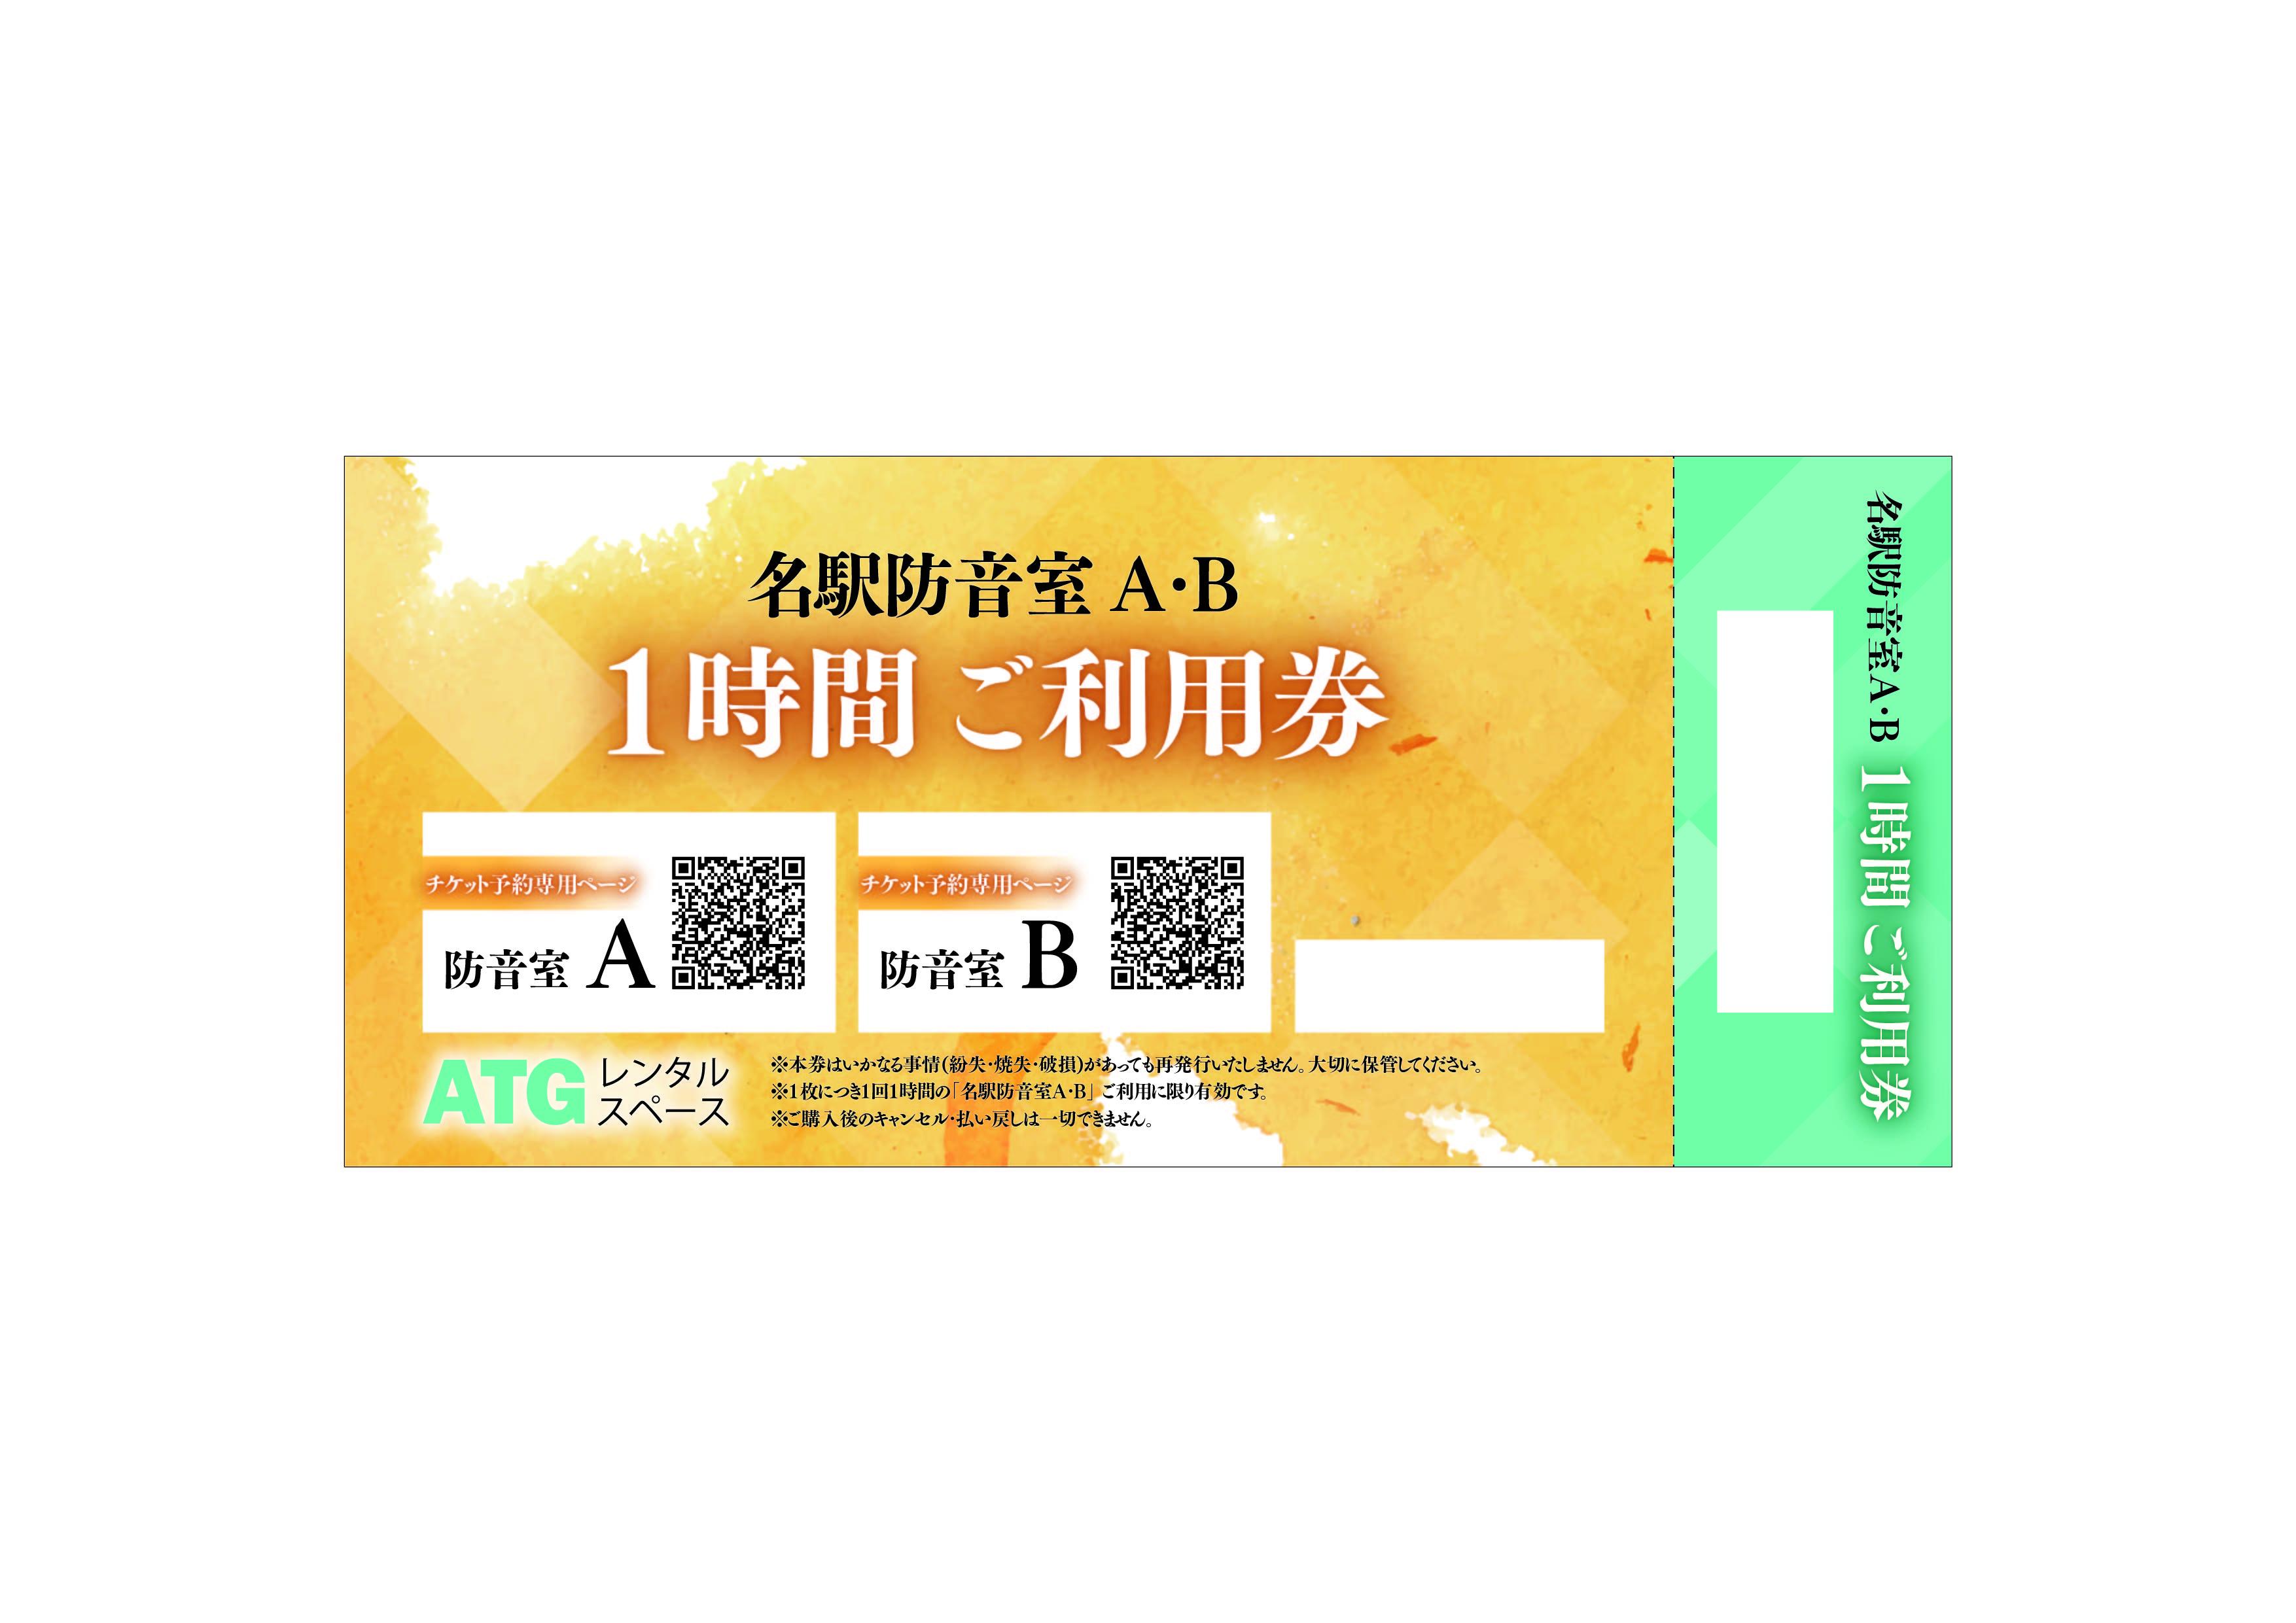 防音室チケット